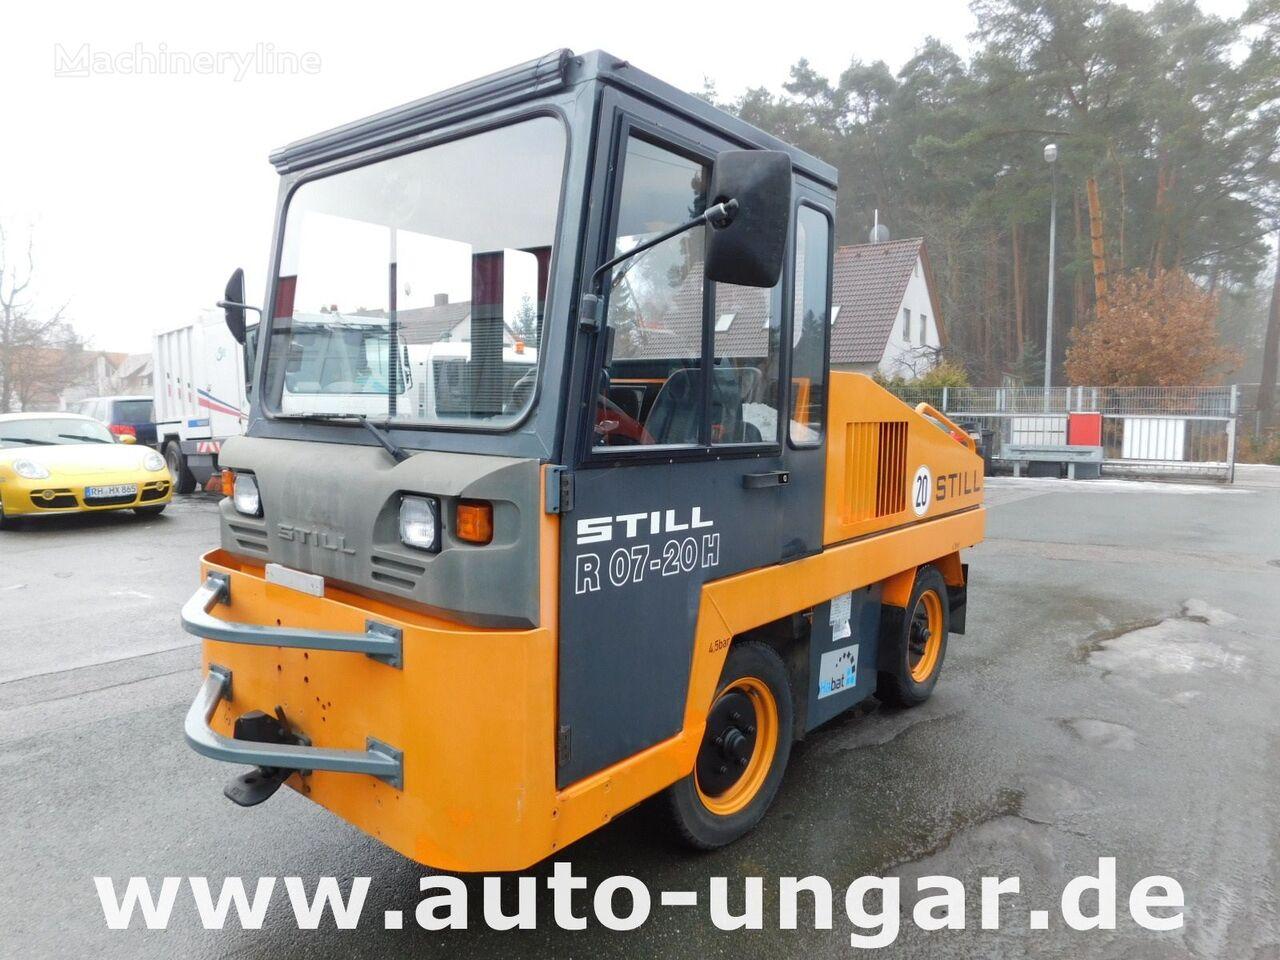 cap tractor special STILL R07-20H Hybrid Diesel - Elektro Schlepper Zugmaschine